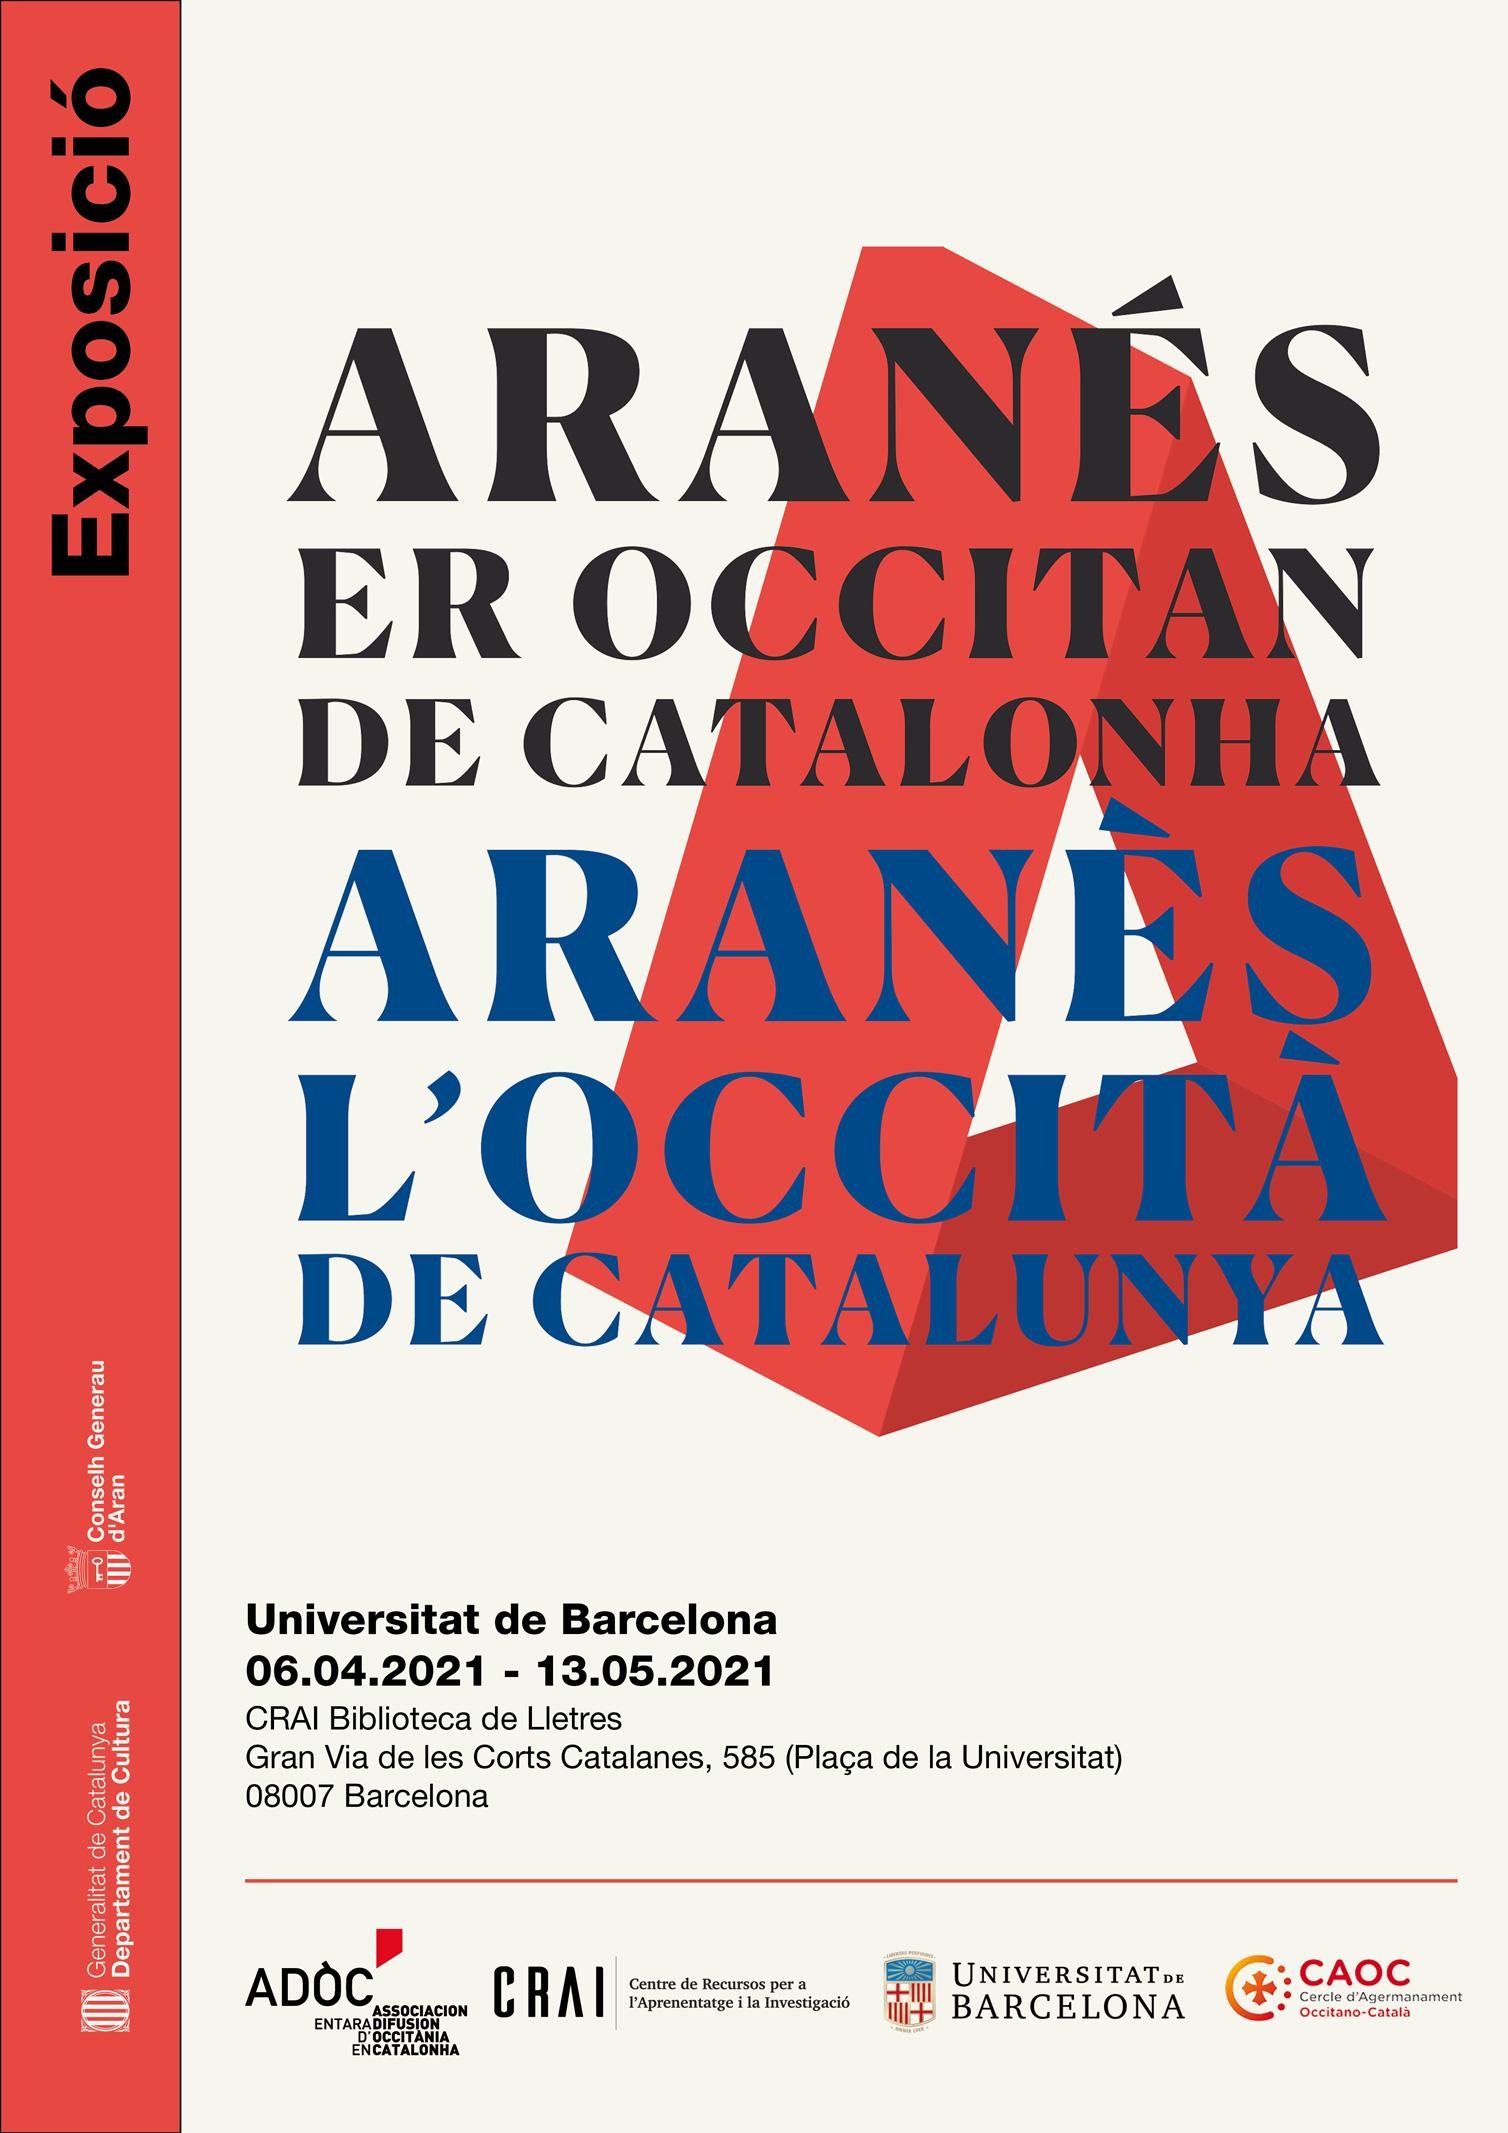 https://www.jornalet.com/imatges/images/poster-expo-w.jpg